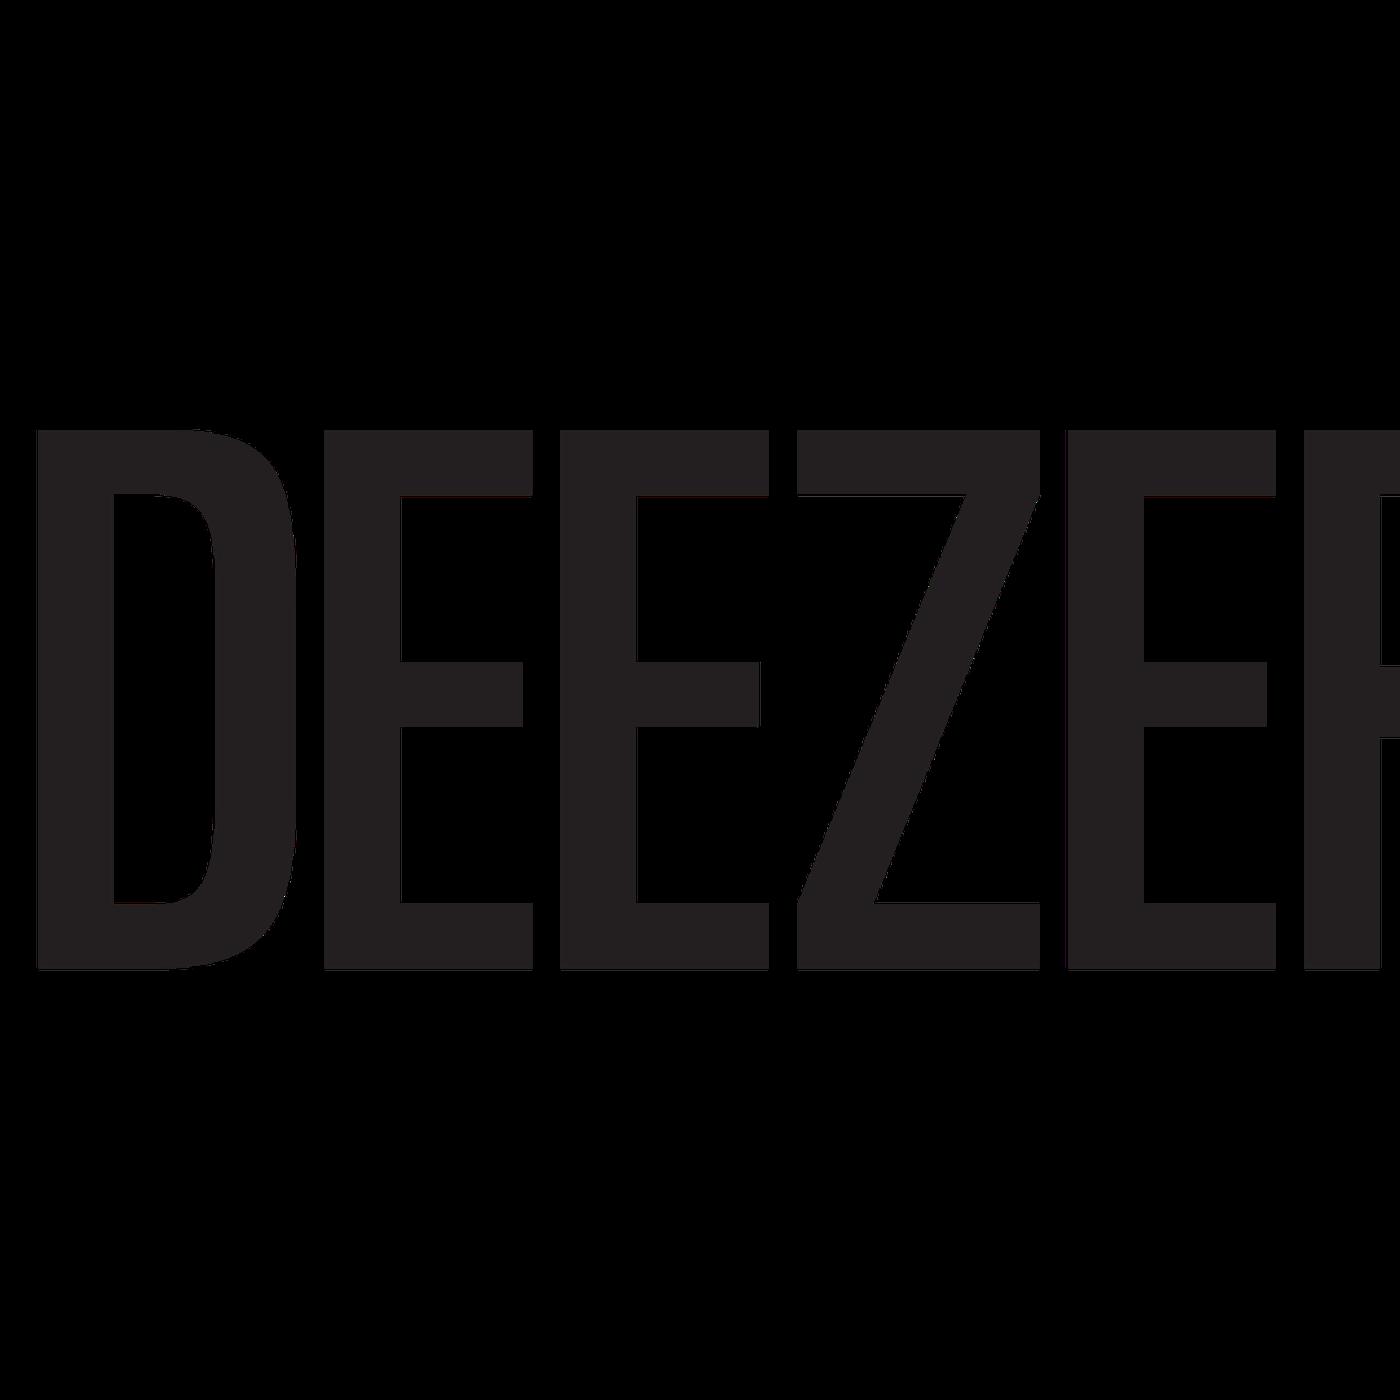 Deezer's hi-fi service is no longer exclusive to Sonos - The Verge